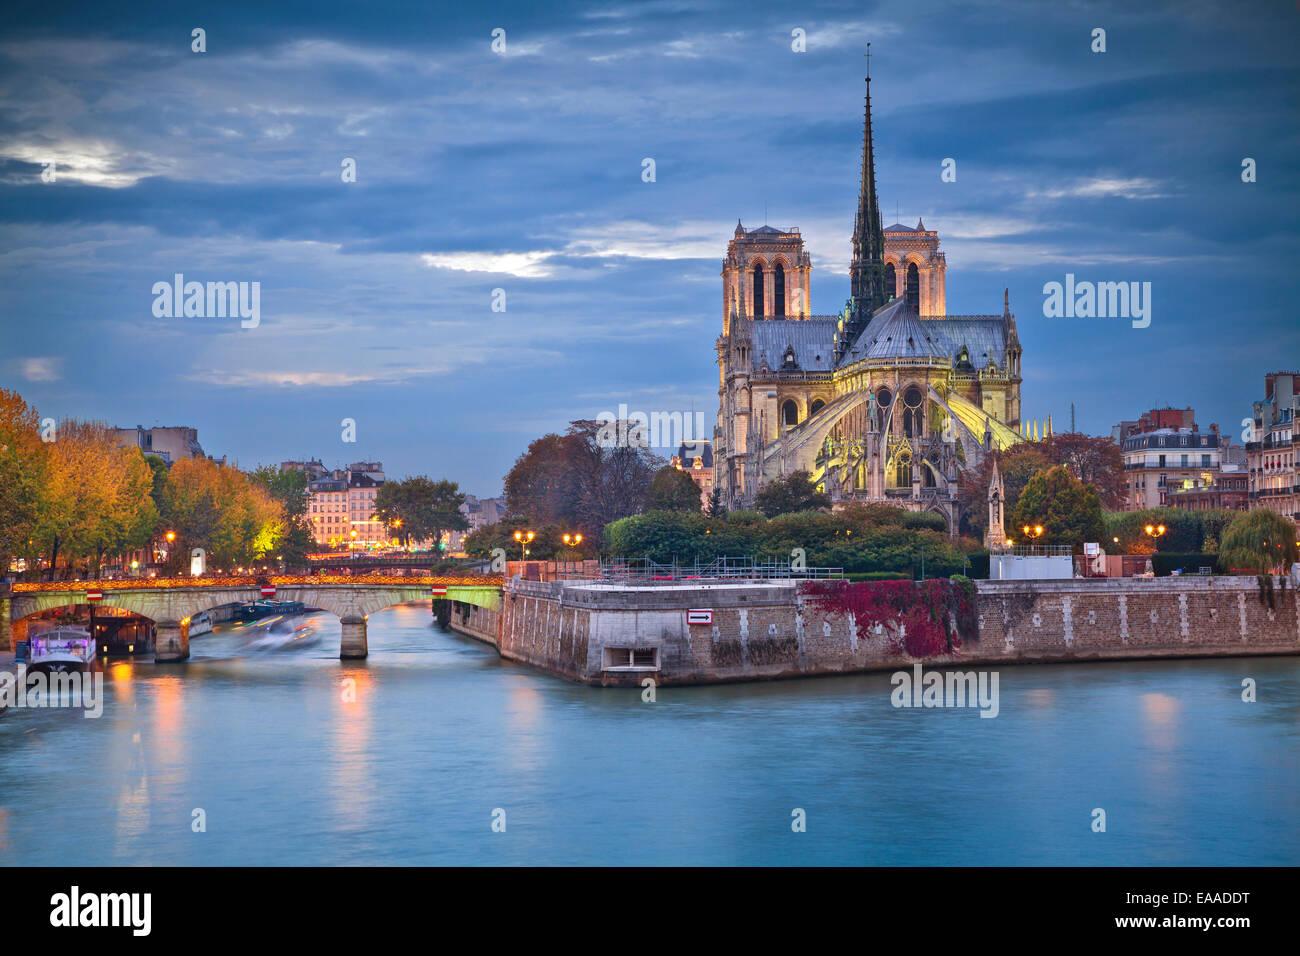 Bild der Kathedrale Notre-Dame in der Abenddämmerung in Paris, Frankreich. Stockbild